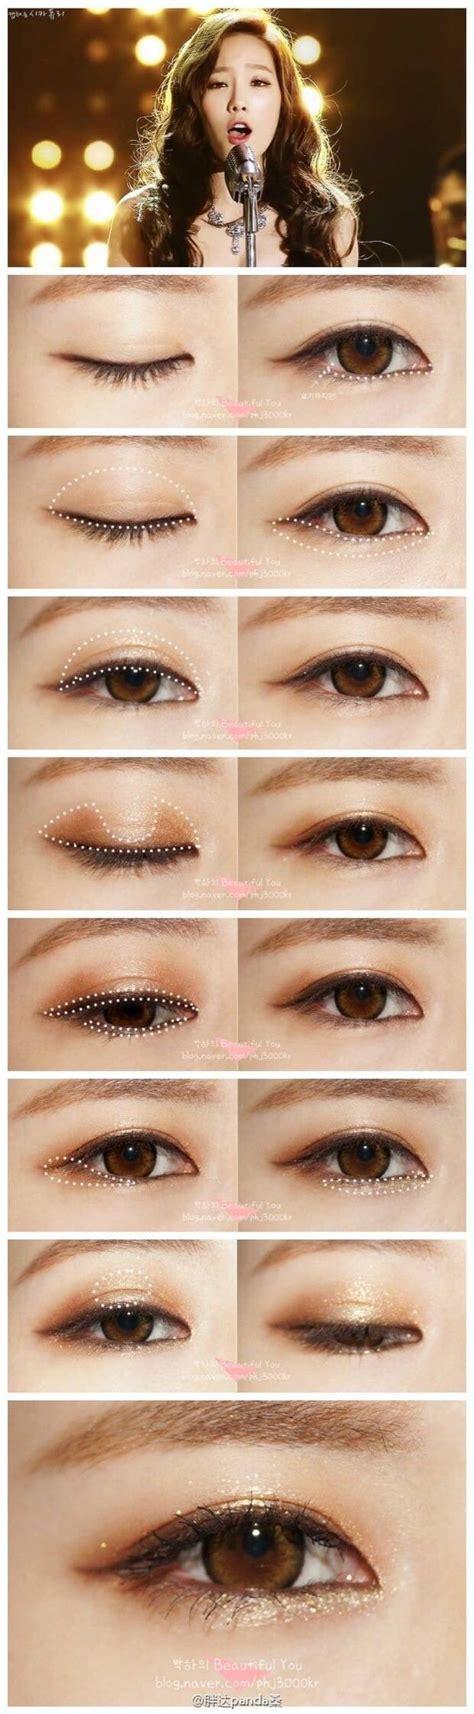 japanese makeup tutorial natural look make up enhance it pinterest makeup korean makeup